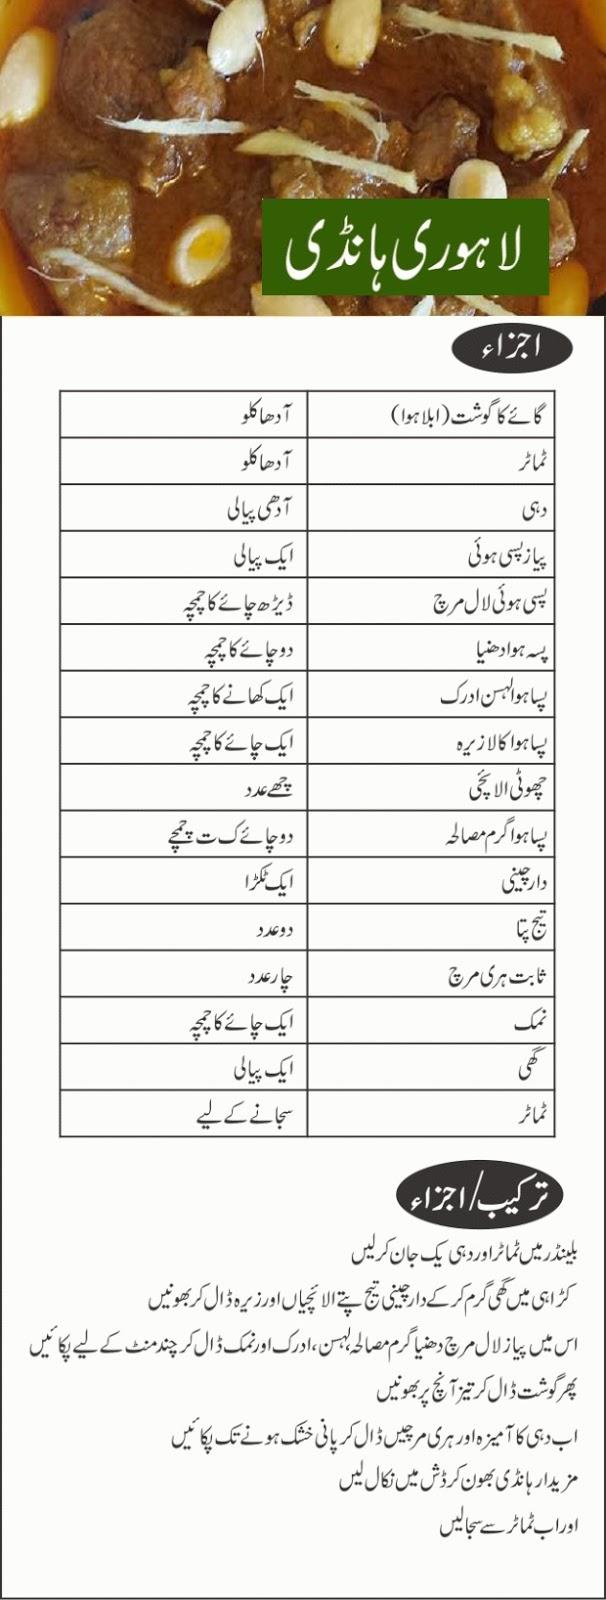 Lahori Beef Handi Recipe in Urdu, Lahori Handi Recipe Urdu, Beef Recipes In Urdu, Eid Al-Azha Recipes in Urdu, Pakistani Recipes, Recipes In Urdu, Mutton Recipes in Urdu, Urdu Recipes, Pakistani Recipes In Urdu, Pakistani Urdu Recipes,